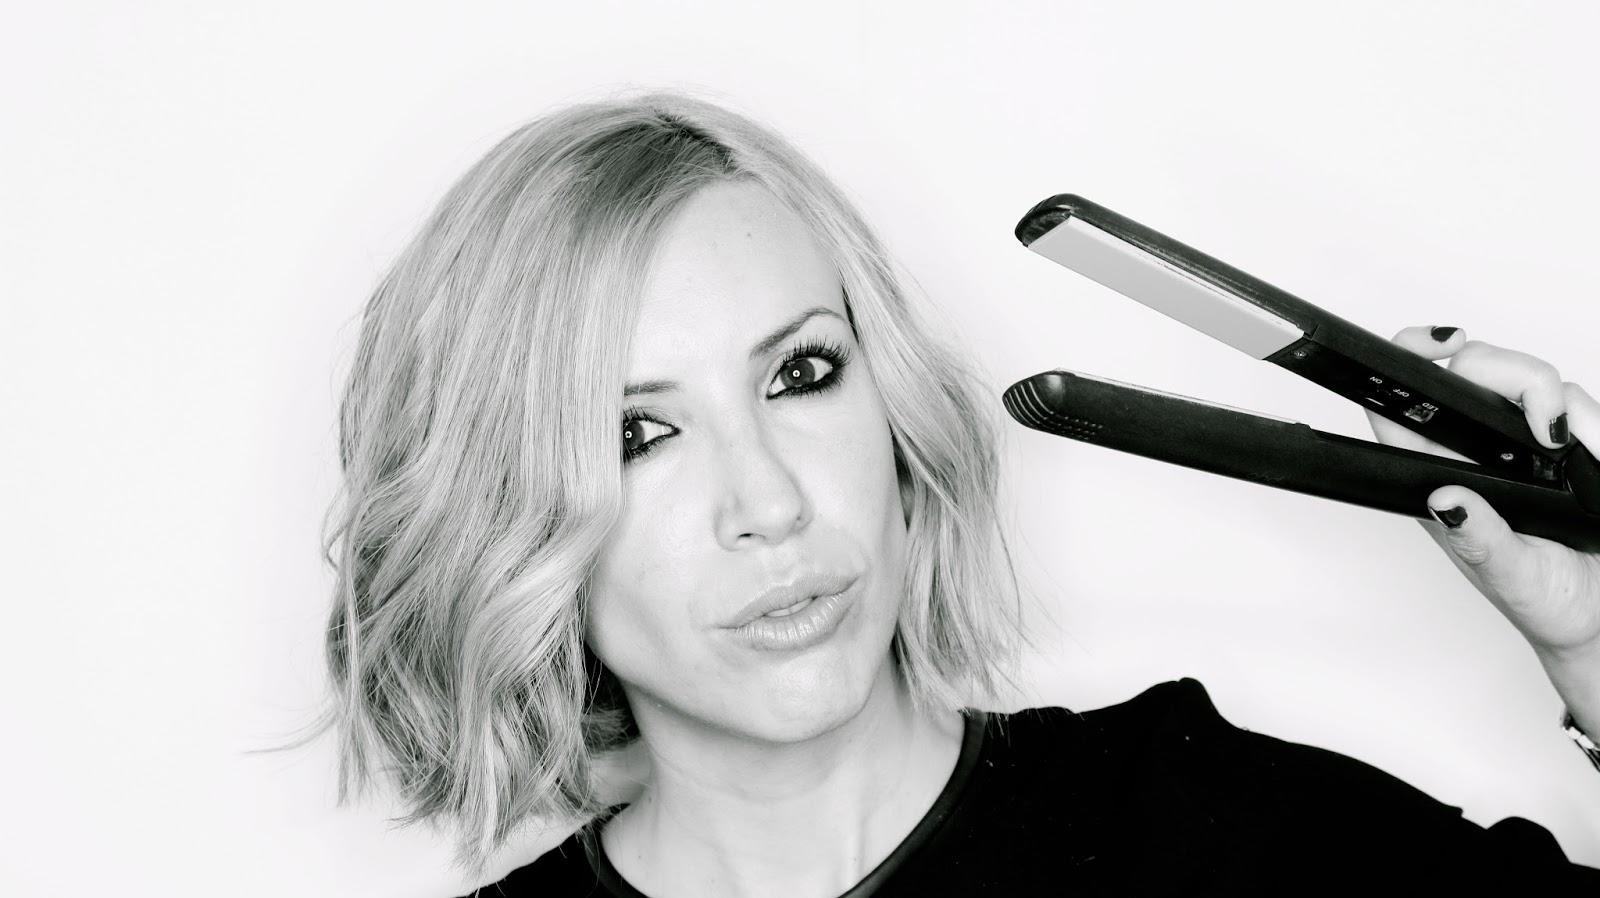 Peinados Con Tenacillas - 3 peinados con ondas 3 ocasiones 3 herramientas TELVA